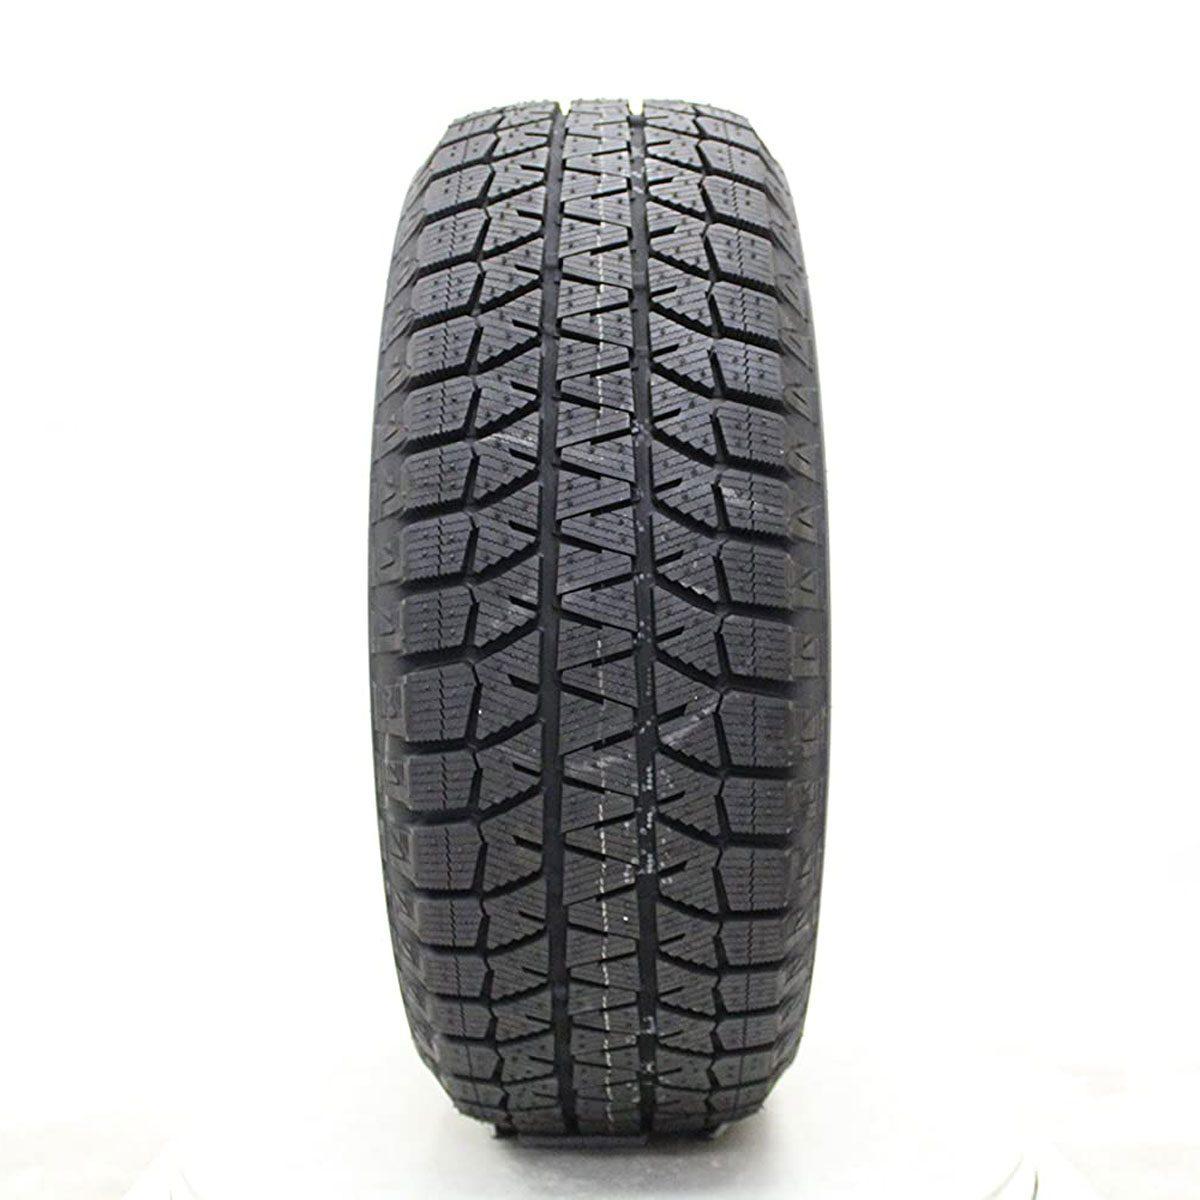 Snow tire